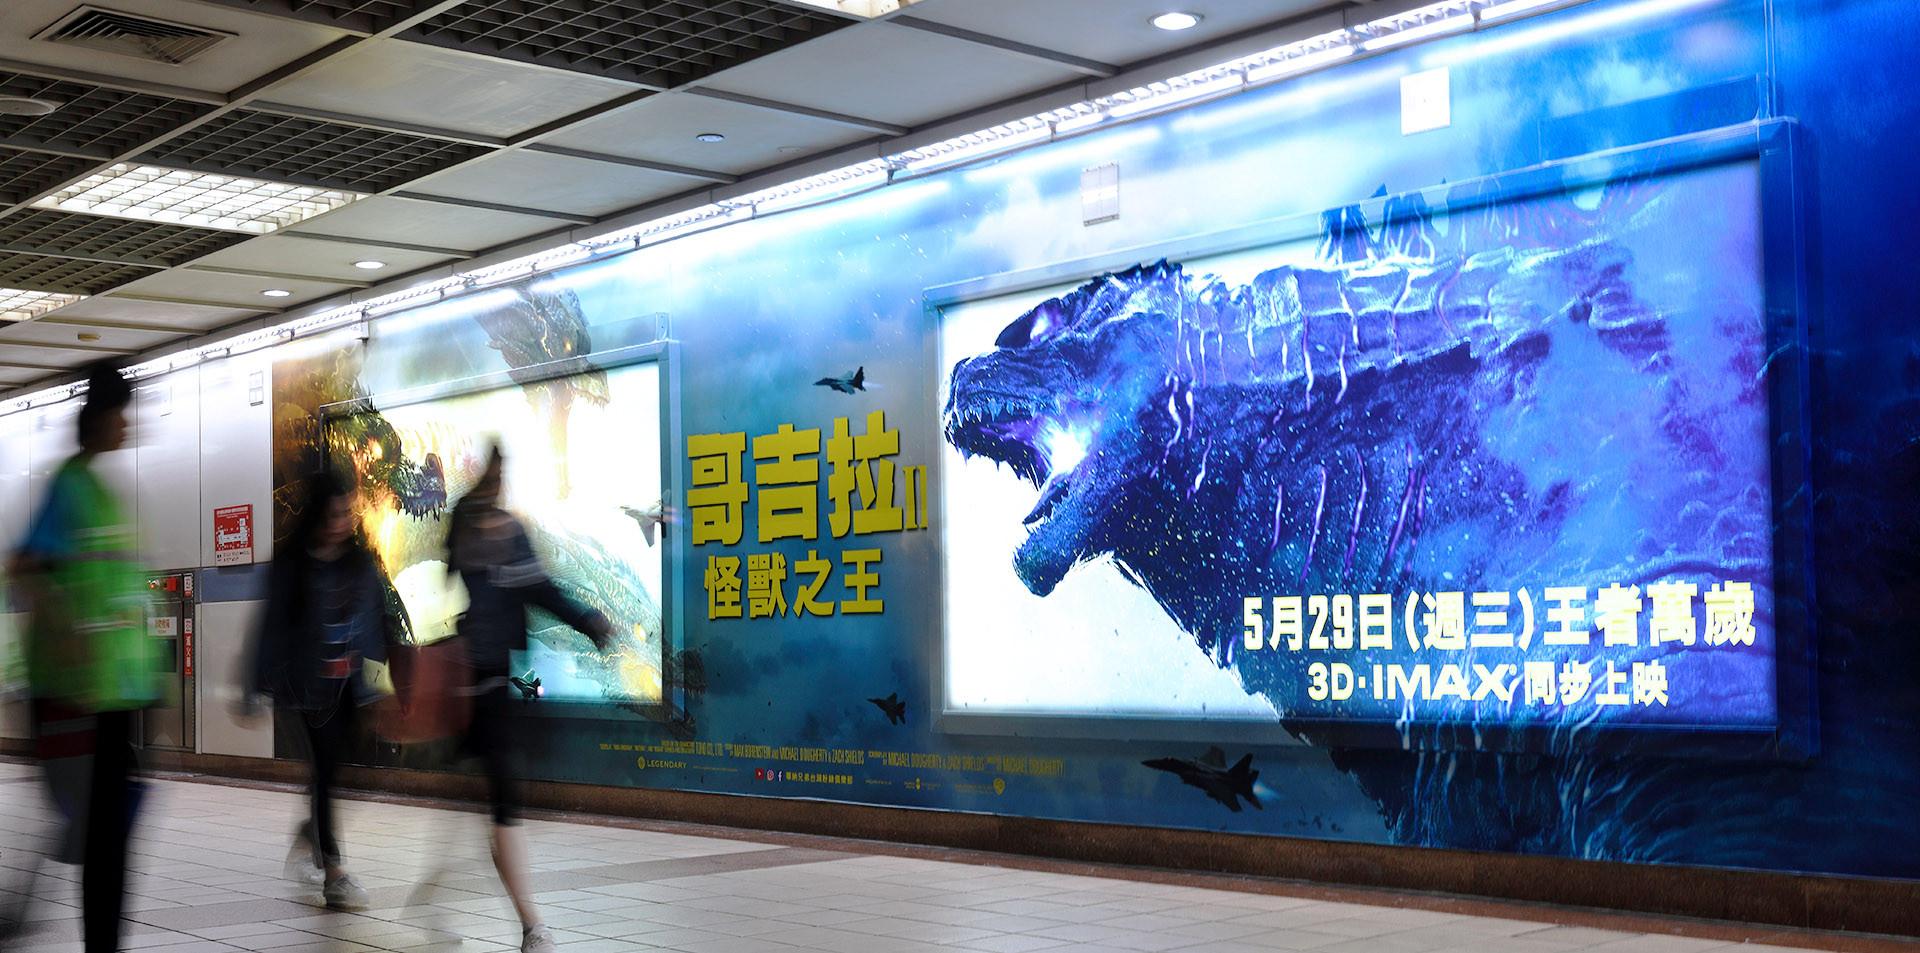 台北捷運廣告刊登  忠孝復興站 哥吉拉怪獸之王